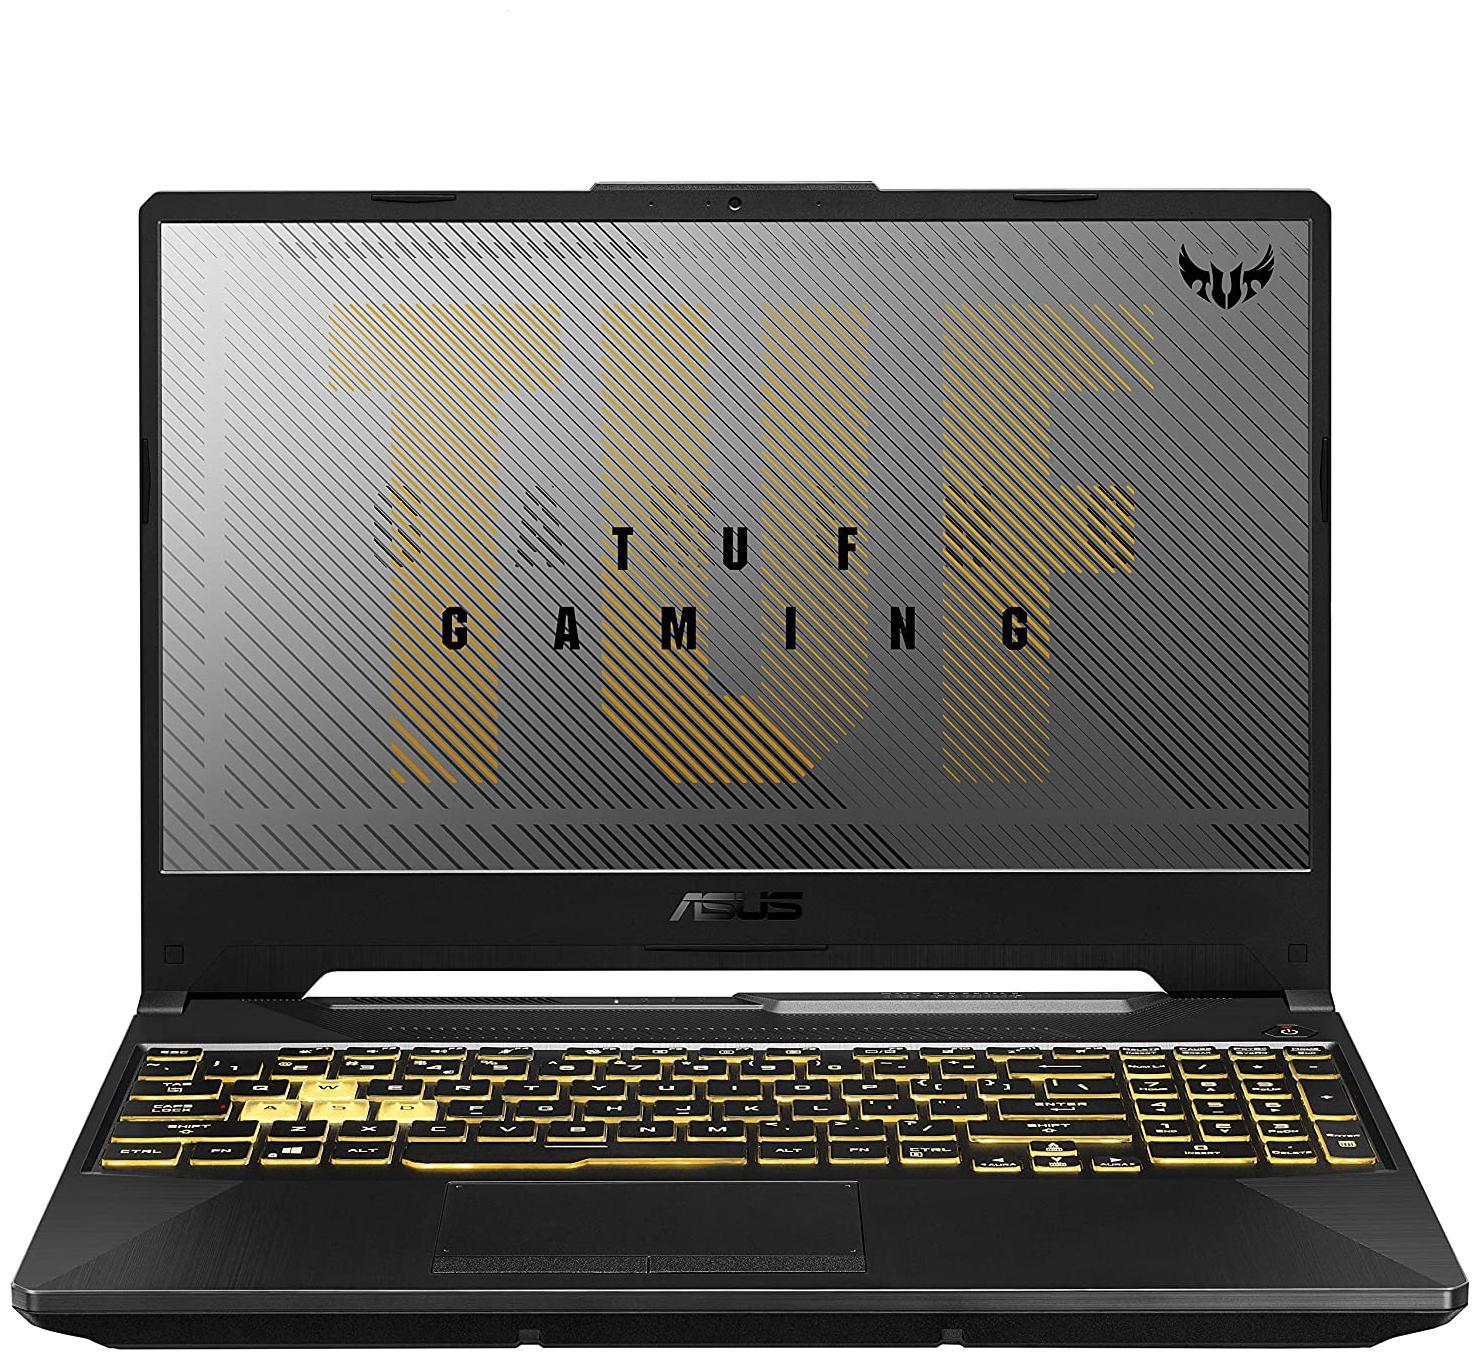 ASUS TUF Gaming A15  AMD Ryzen 7 4800H/16  GB RAM/1 TB HDD + 512  GB NVMe SSD/39.62 cm  15.6 inch /Windows 10/6  GB GDDR6 NVIDIA GeForce GTX 1660 Ti Grap